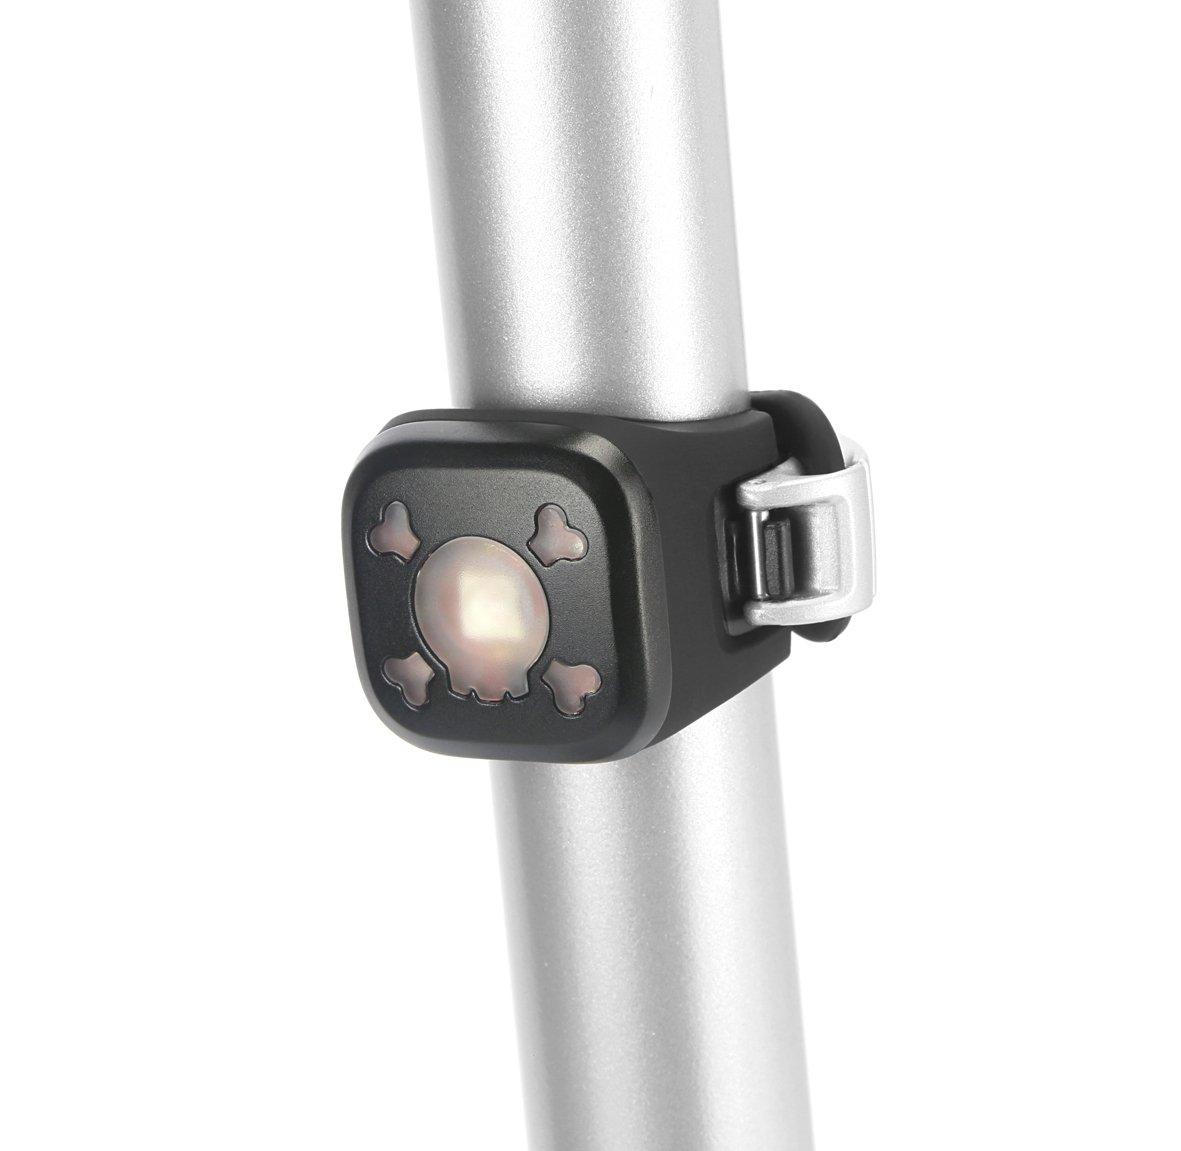 Knog Batteriebeleuchtung Blinder 1 rote LED Licht, Skull